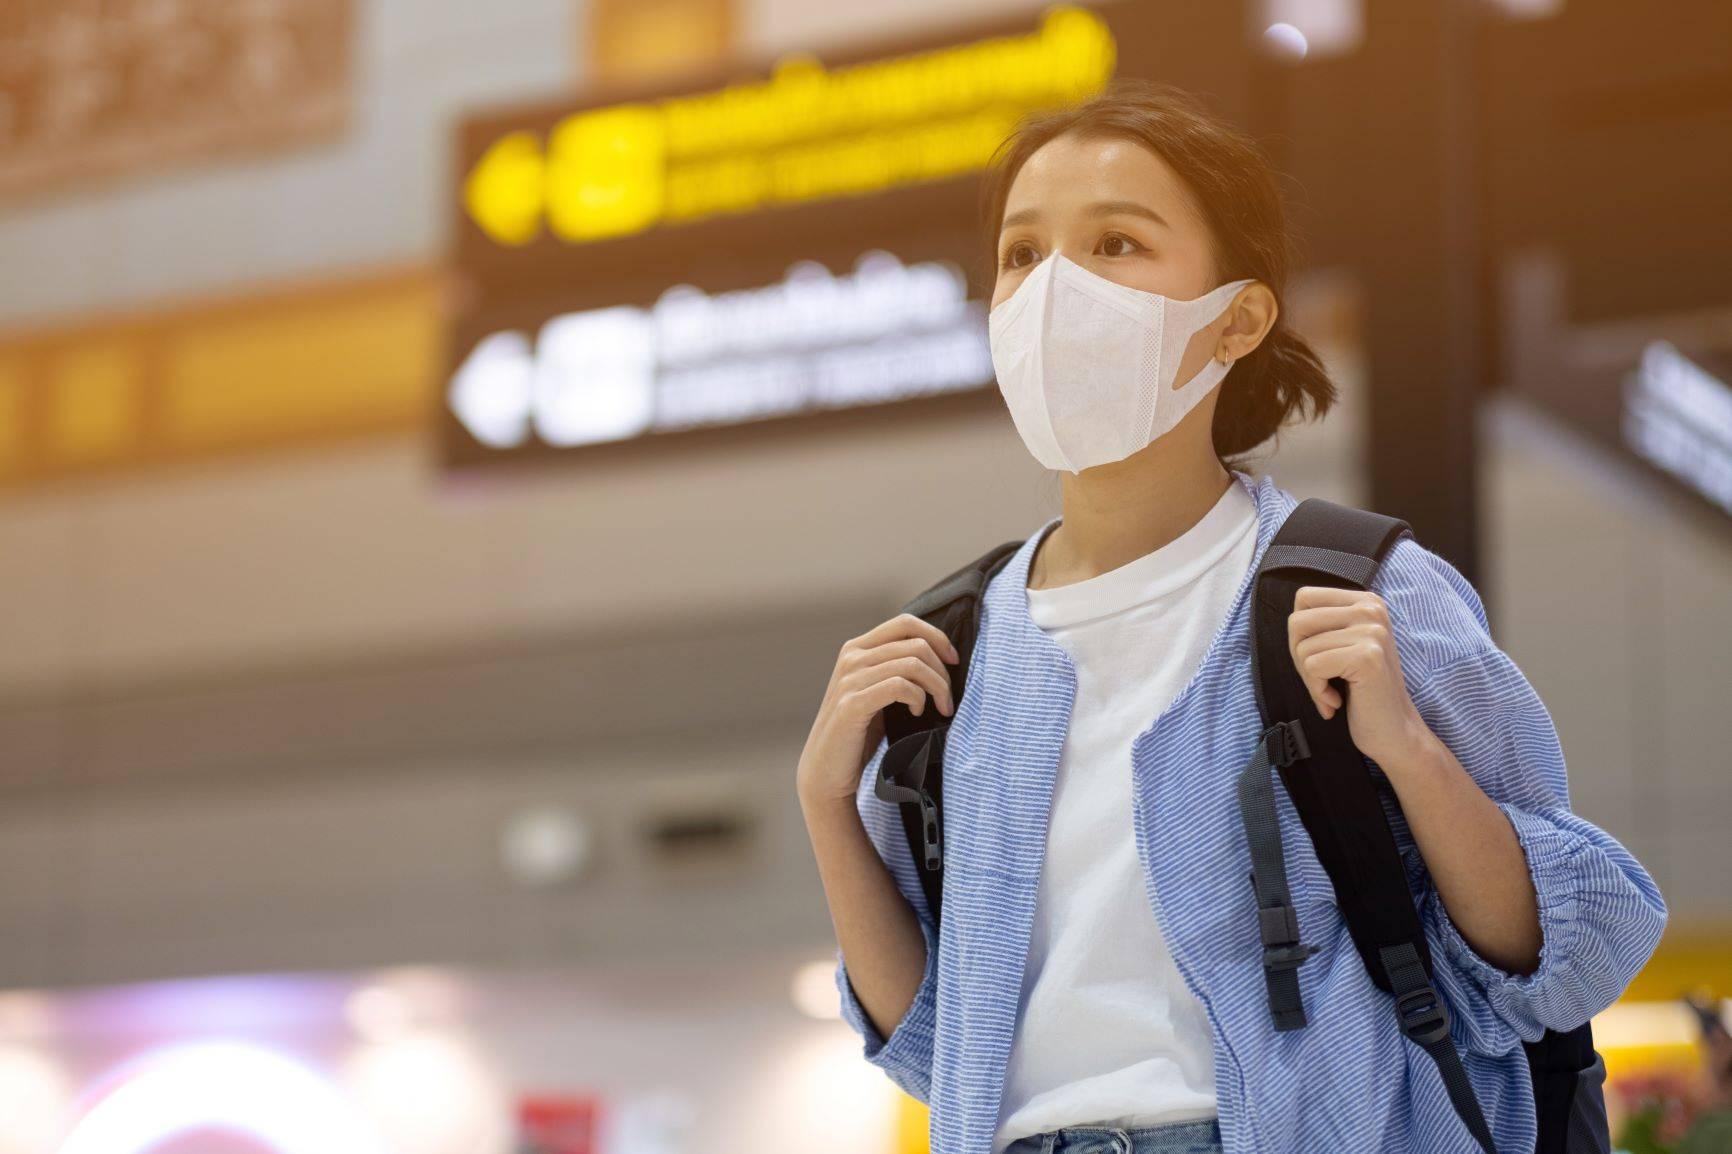 Koronawirus - jak się przed nim chronić?